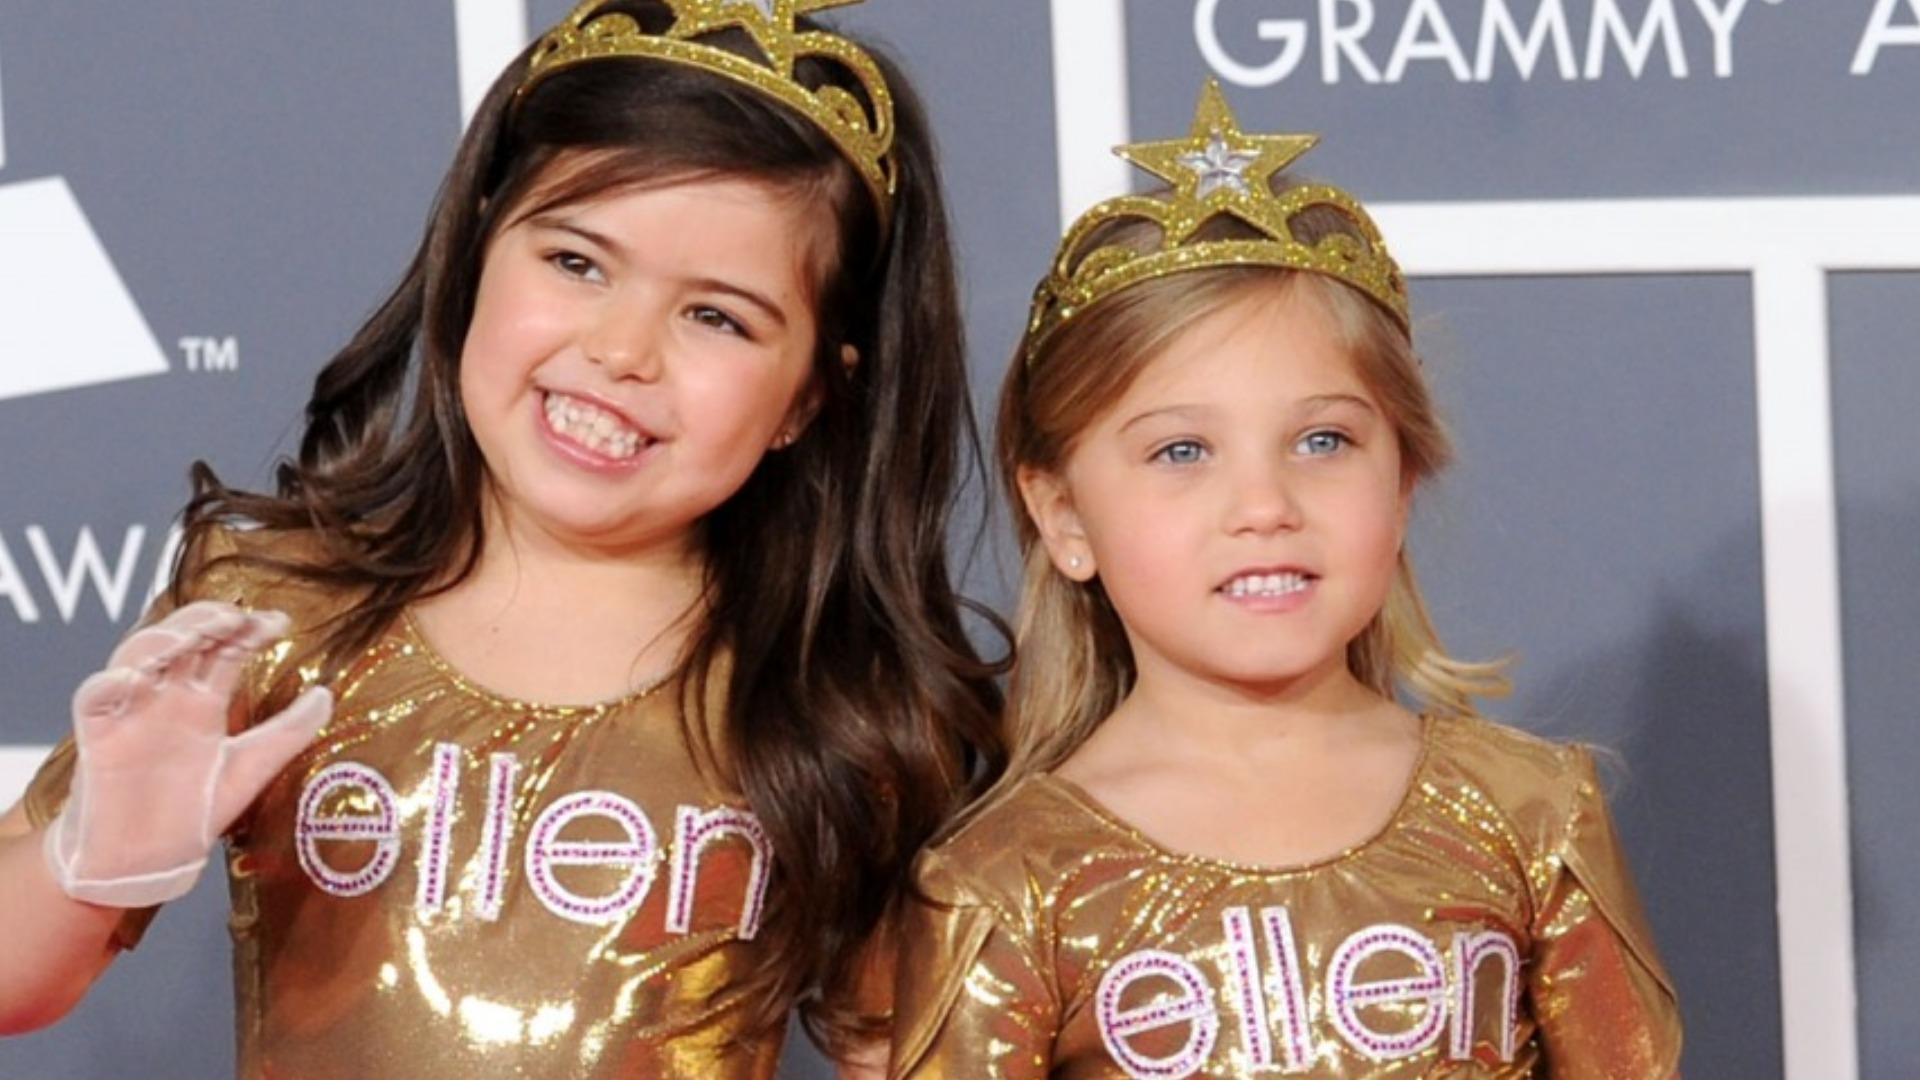 What Sophia Grace and Rosie Now Look Like as Teenagers